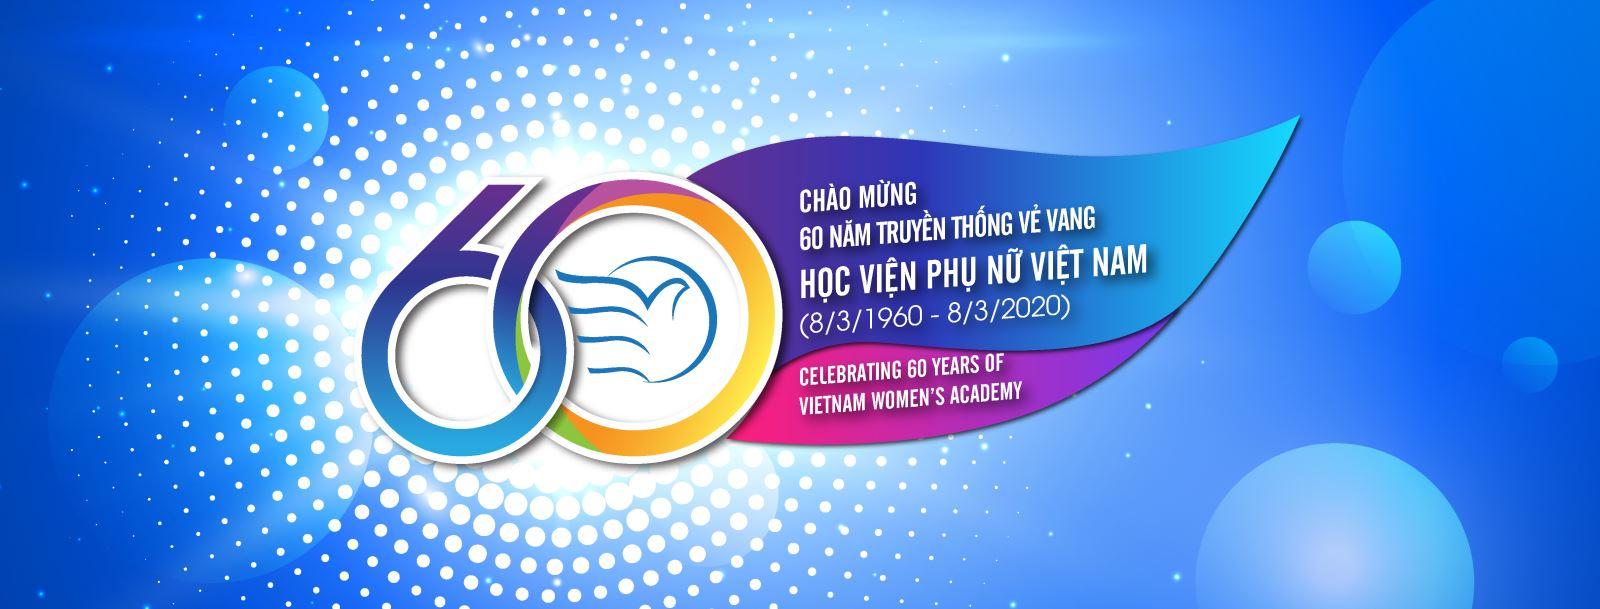 Học viện Phụ nữ Việt Nam - 60 năm truyền thống vẻ vang